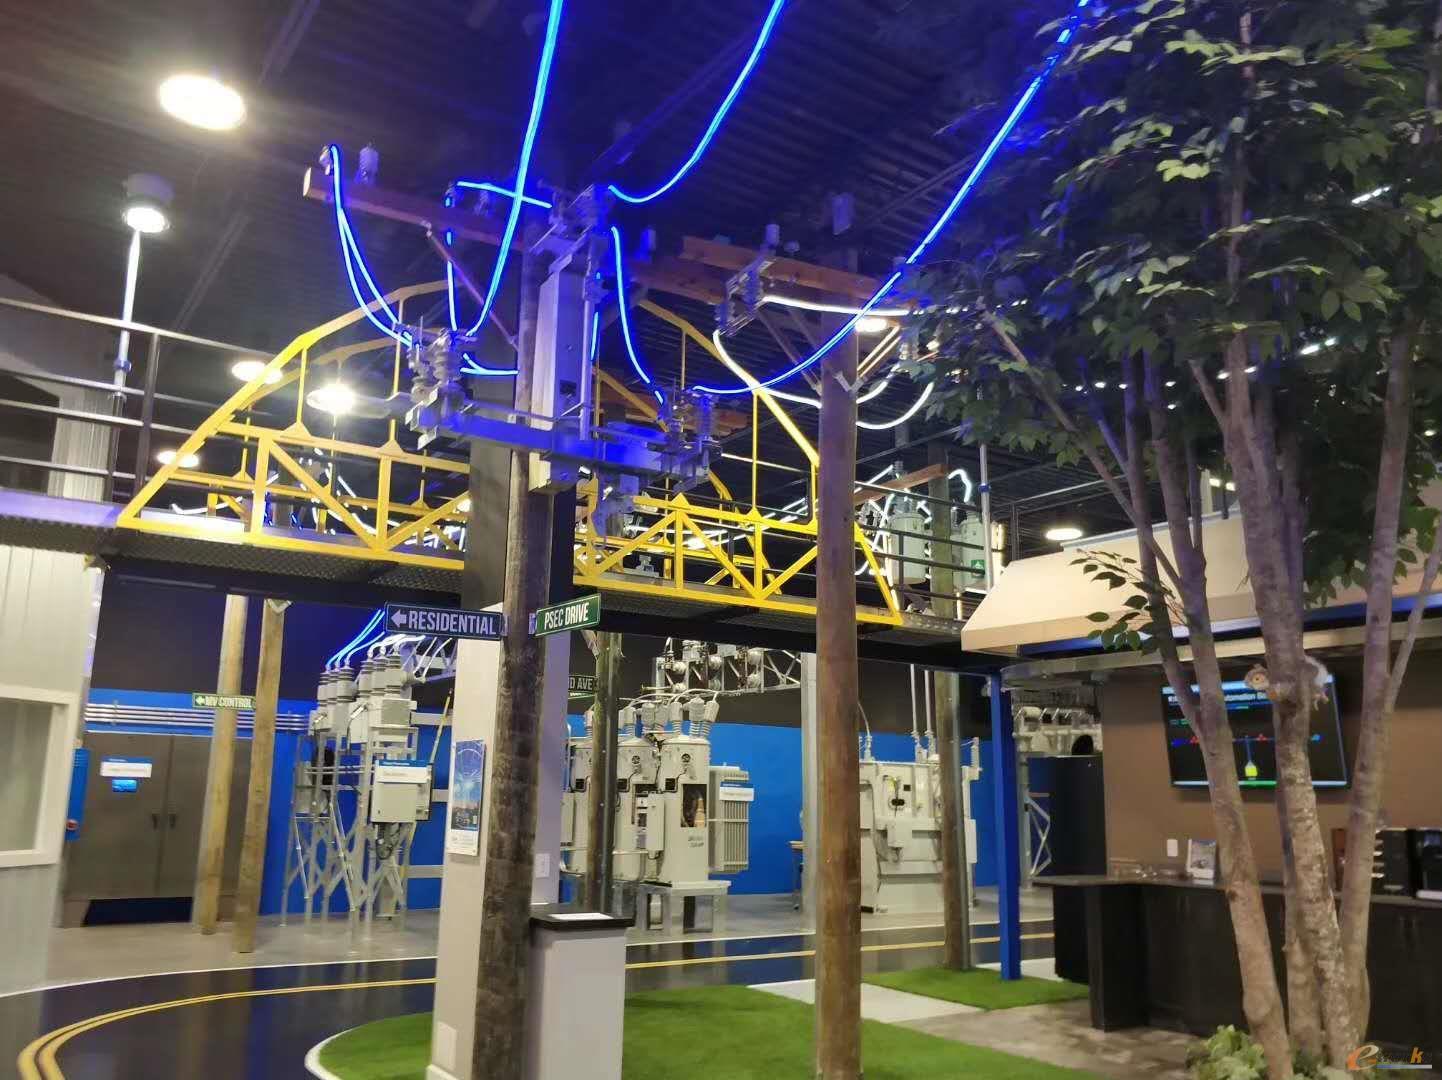 伊顿电气能源系统体验中心相关应用场景展示(二)